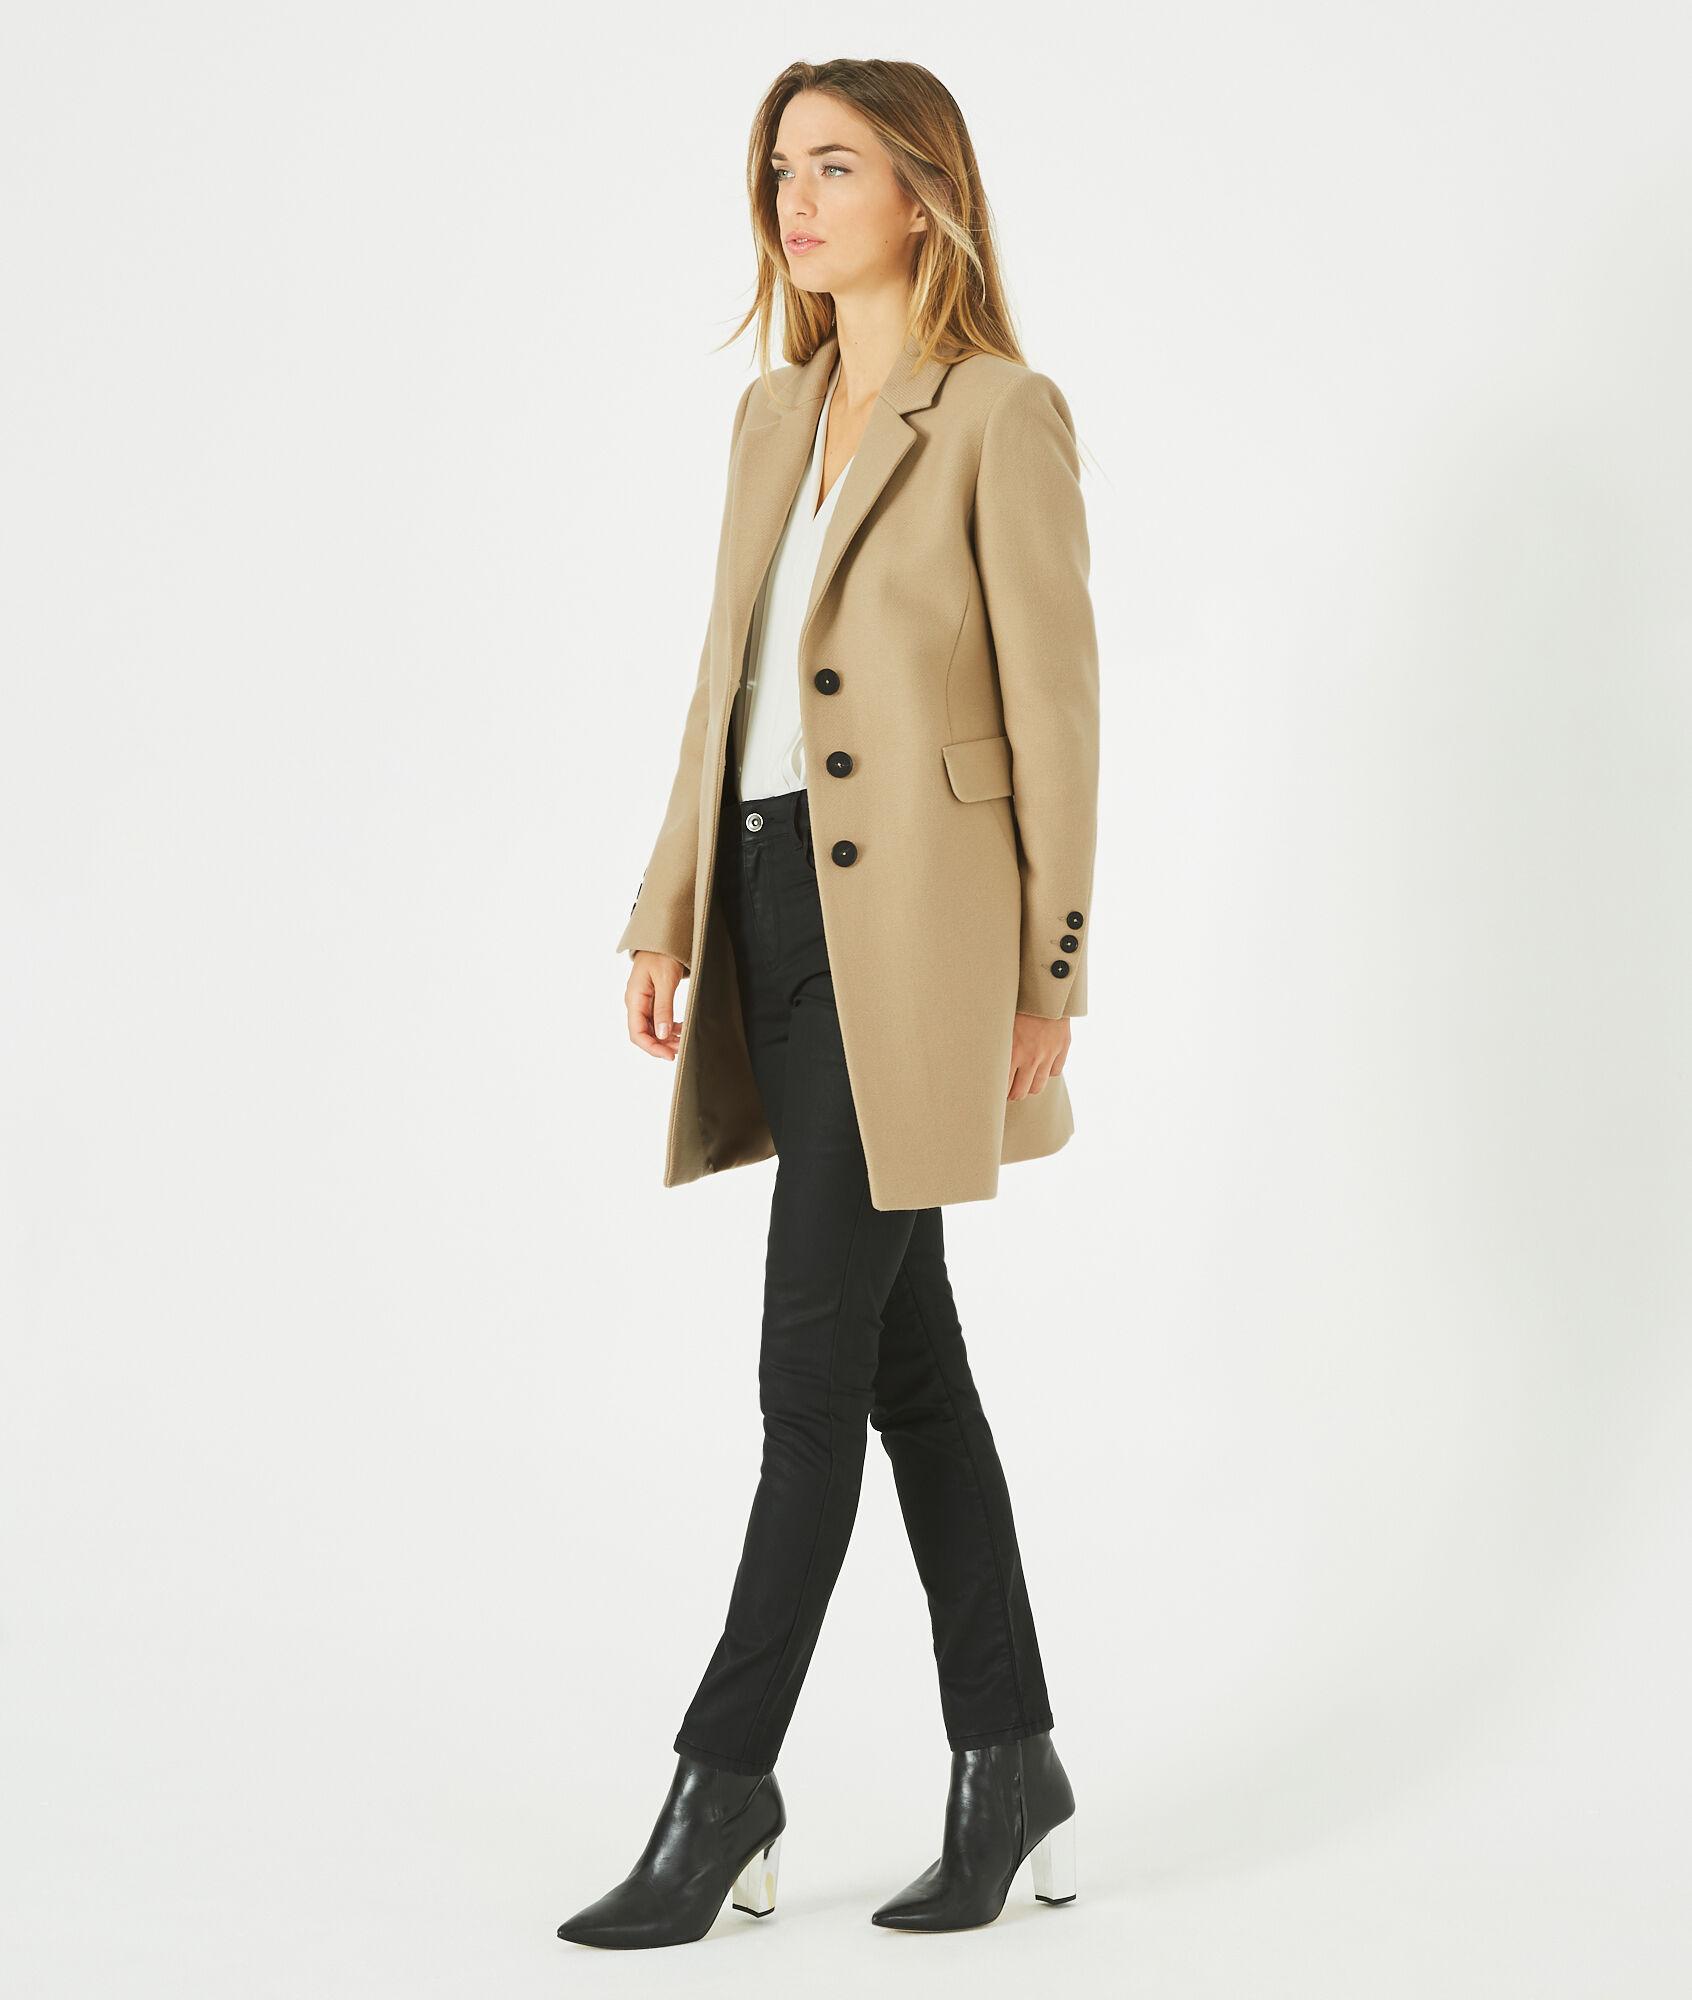 Manteau beige en laine